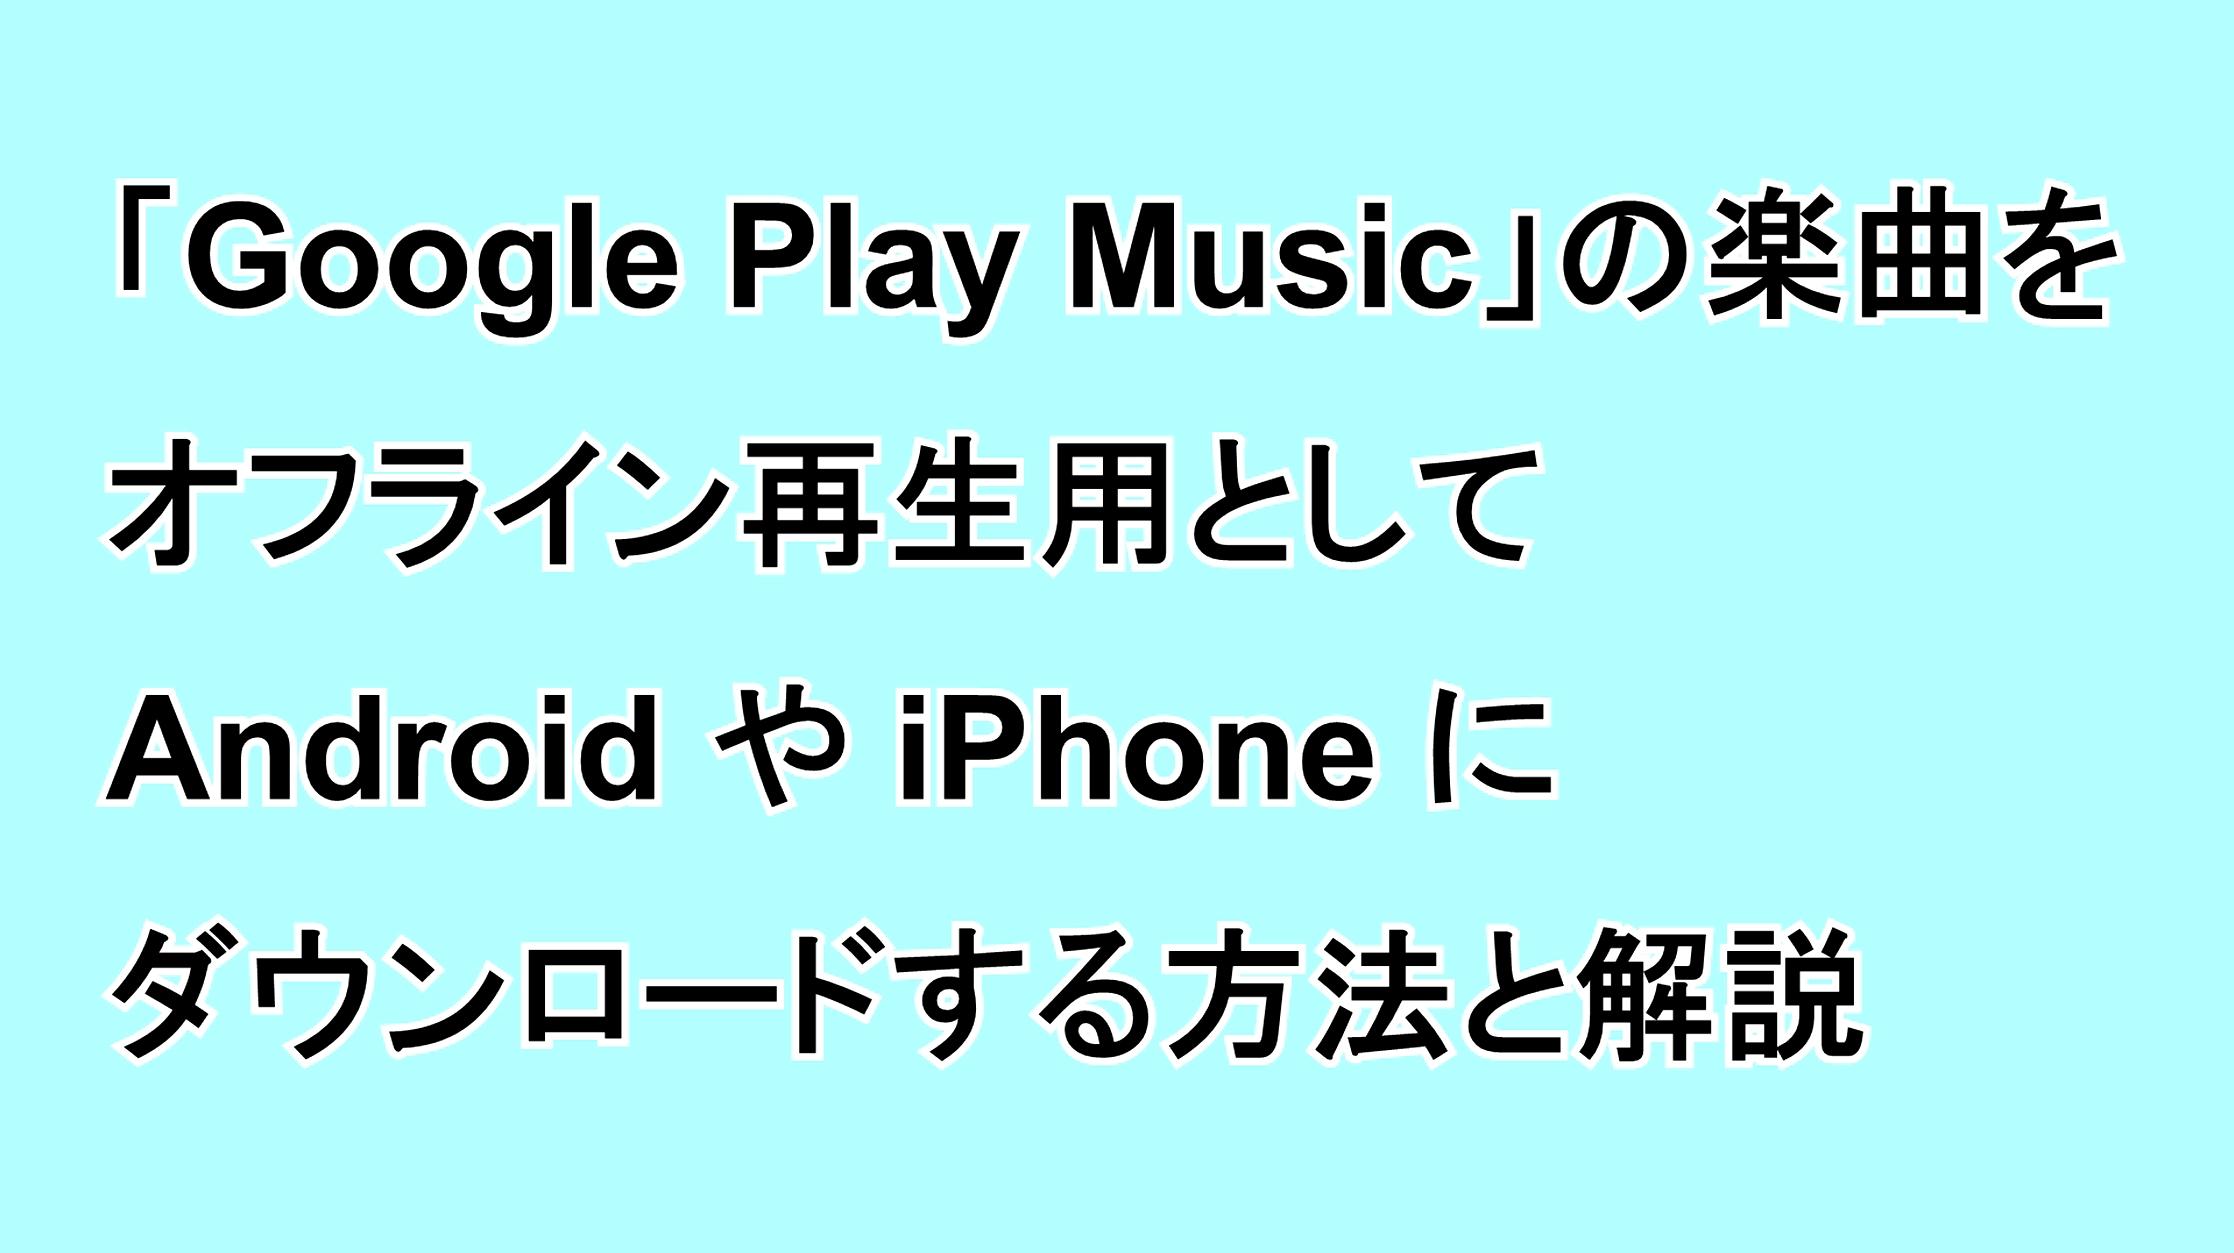 「Google Play Music」の楽曲をオフライン再生用としてAndroidやiPhoneにダウンロードする方法と解説